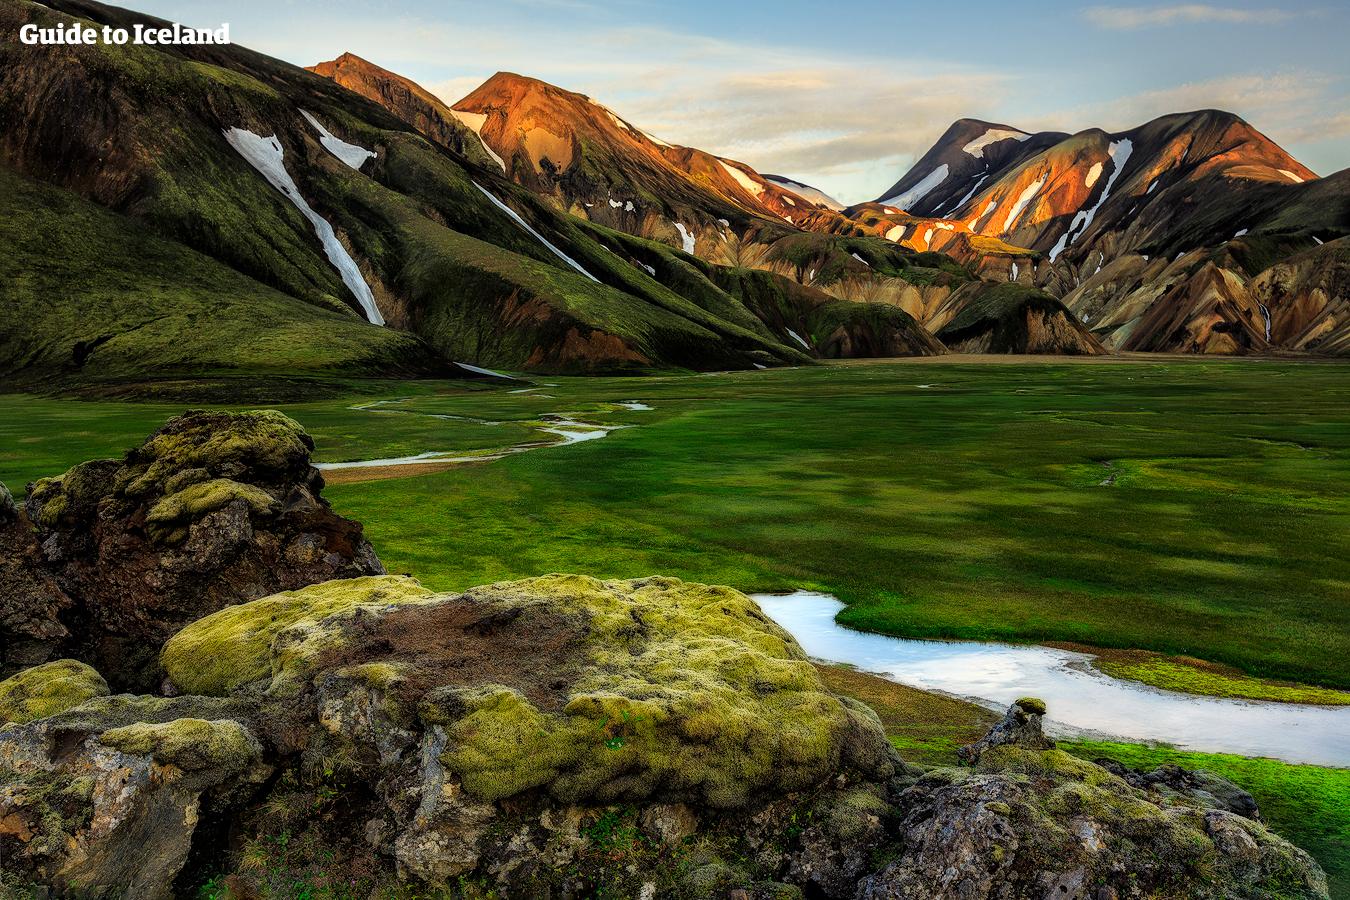 冰岛文学入门|了解冰岛文化,先从这些书读起